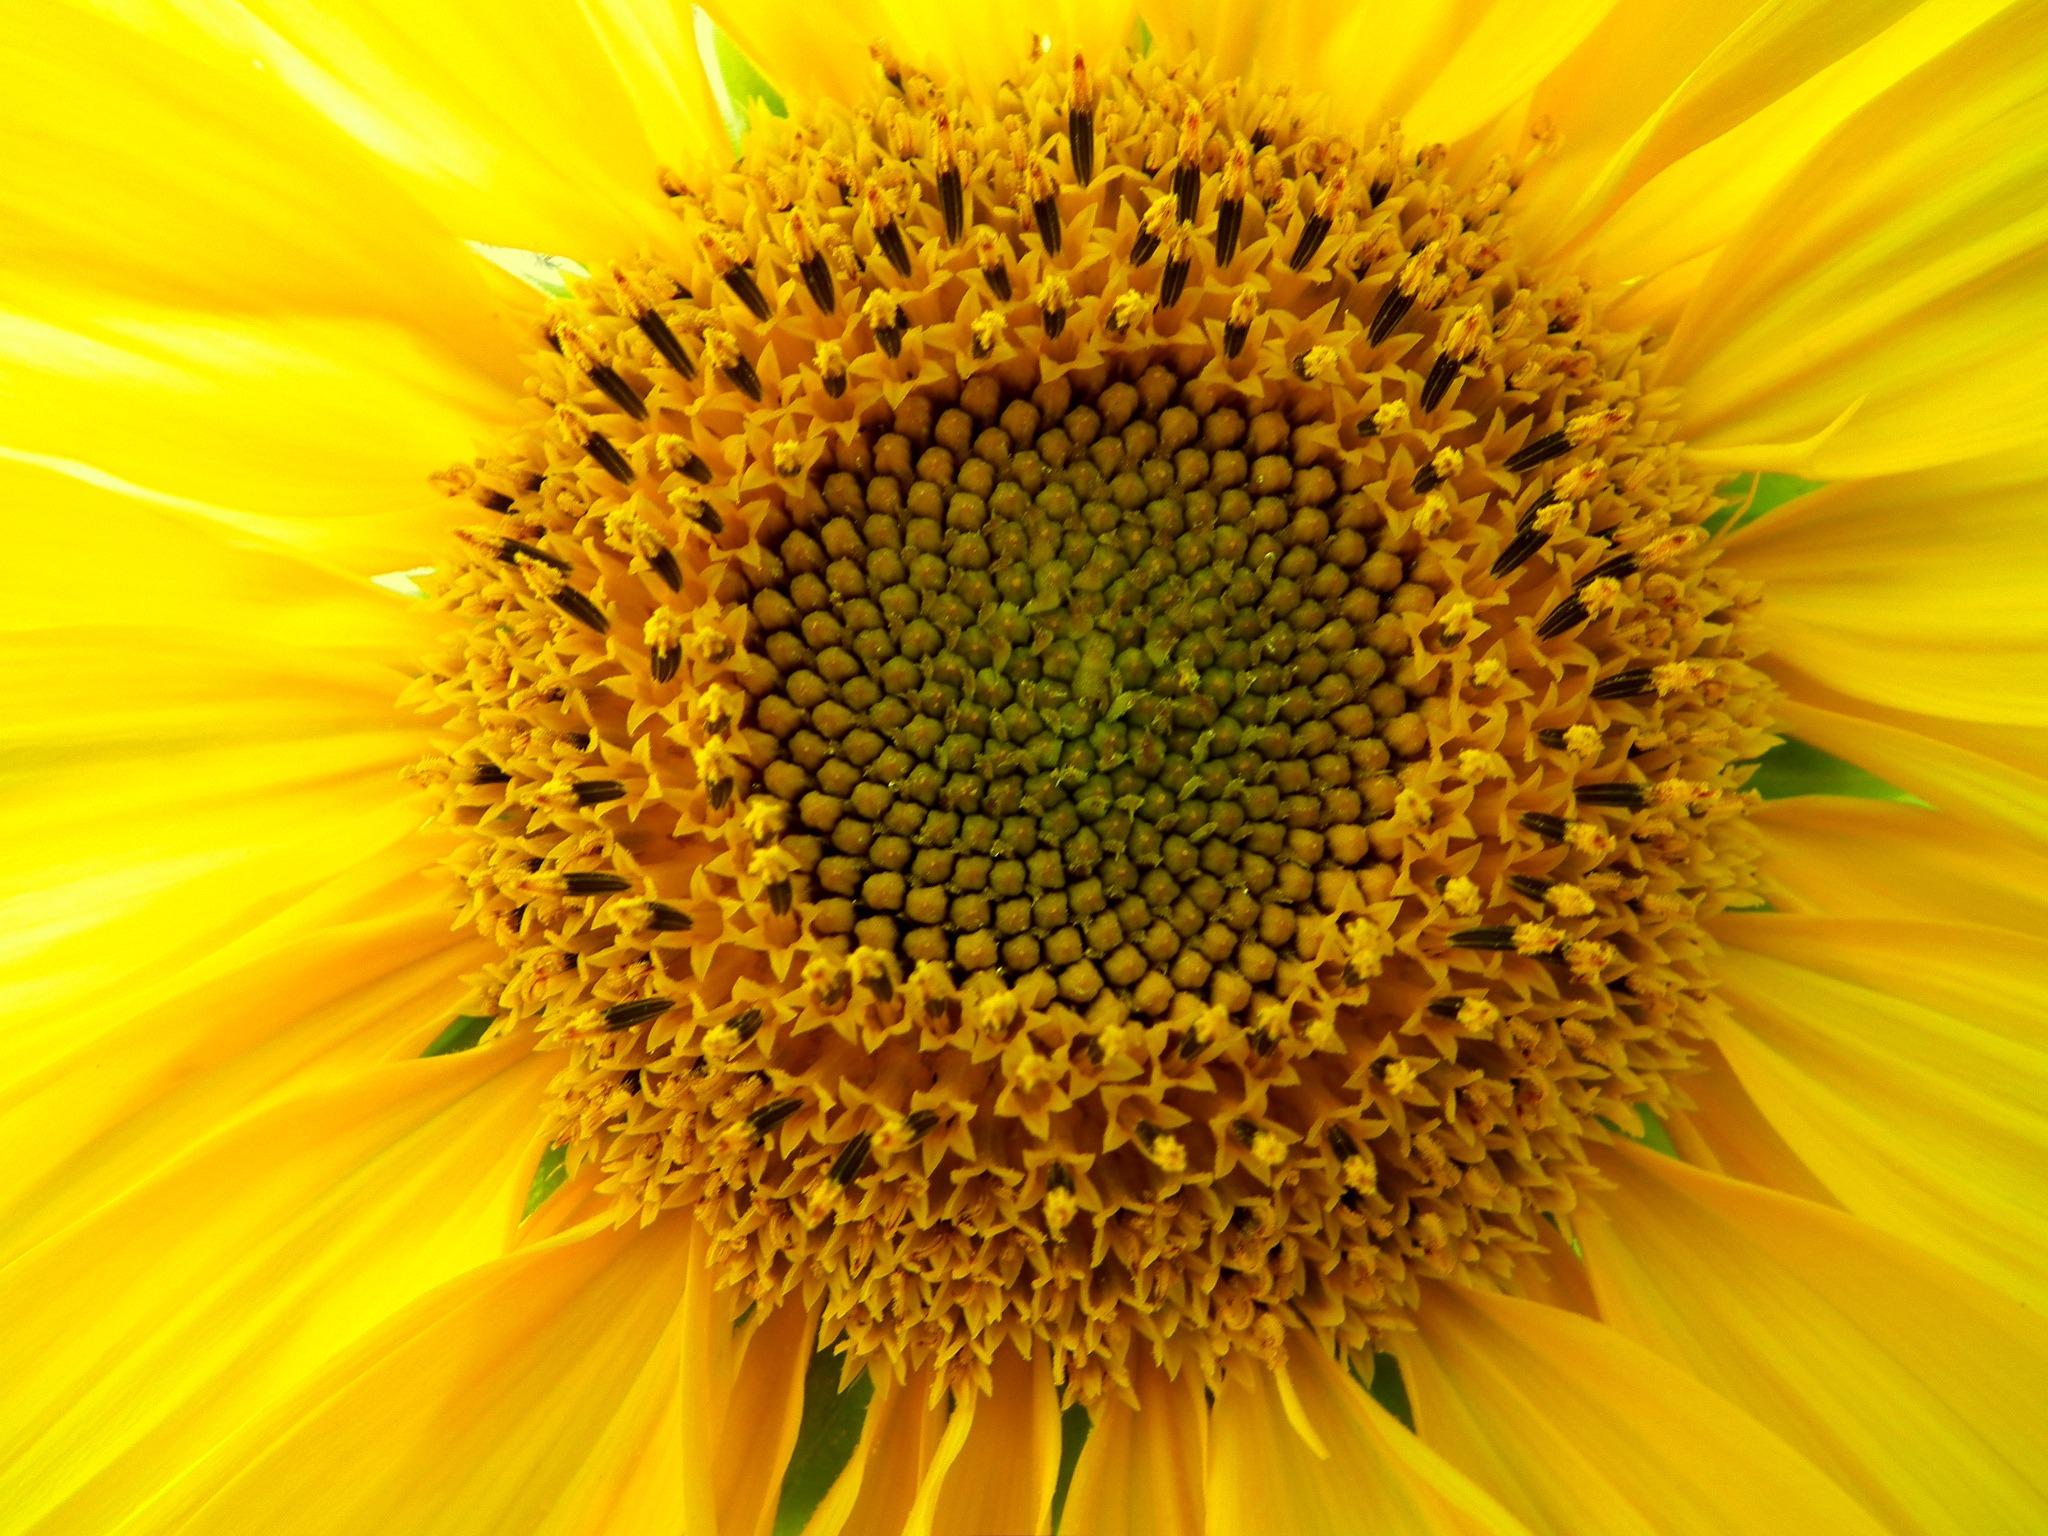 images gratuites la photographie p tale pollen jaune flore fermer ensoleill brillant. Black Bedroom Furniture Sets. Home Design Ideas